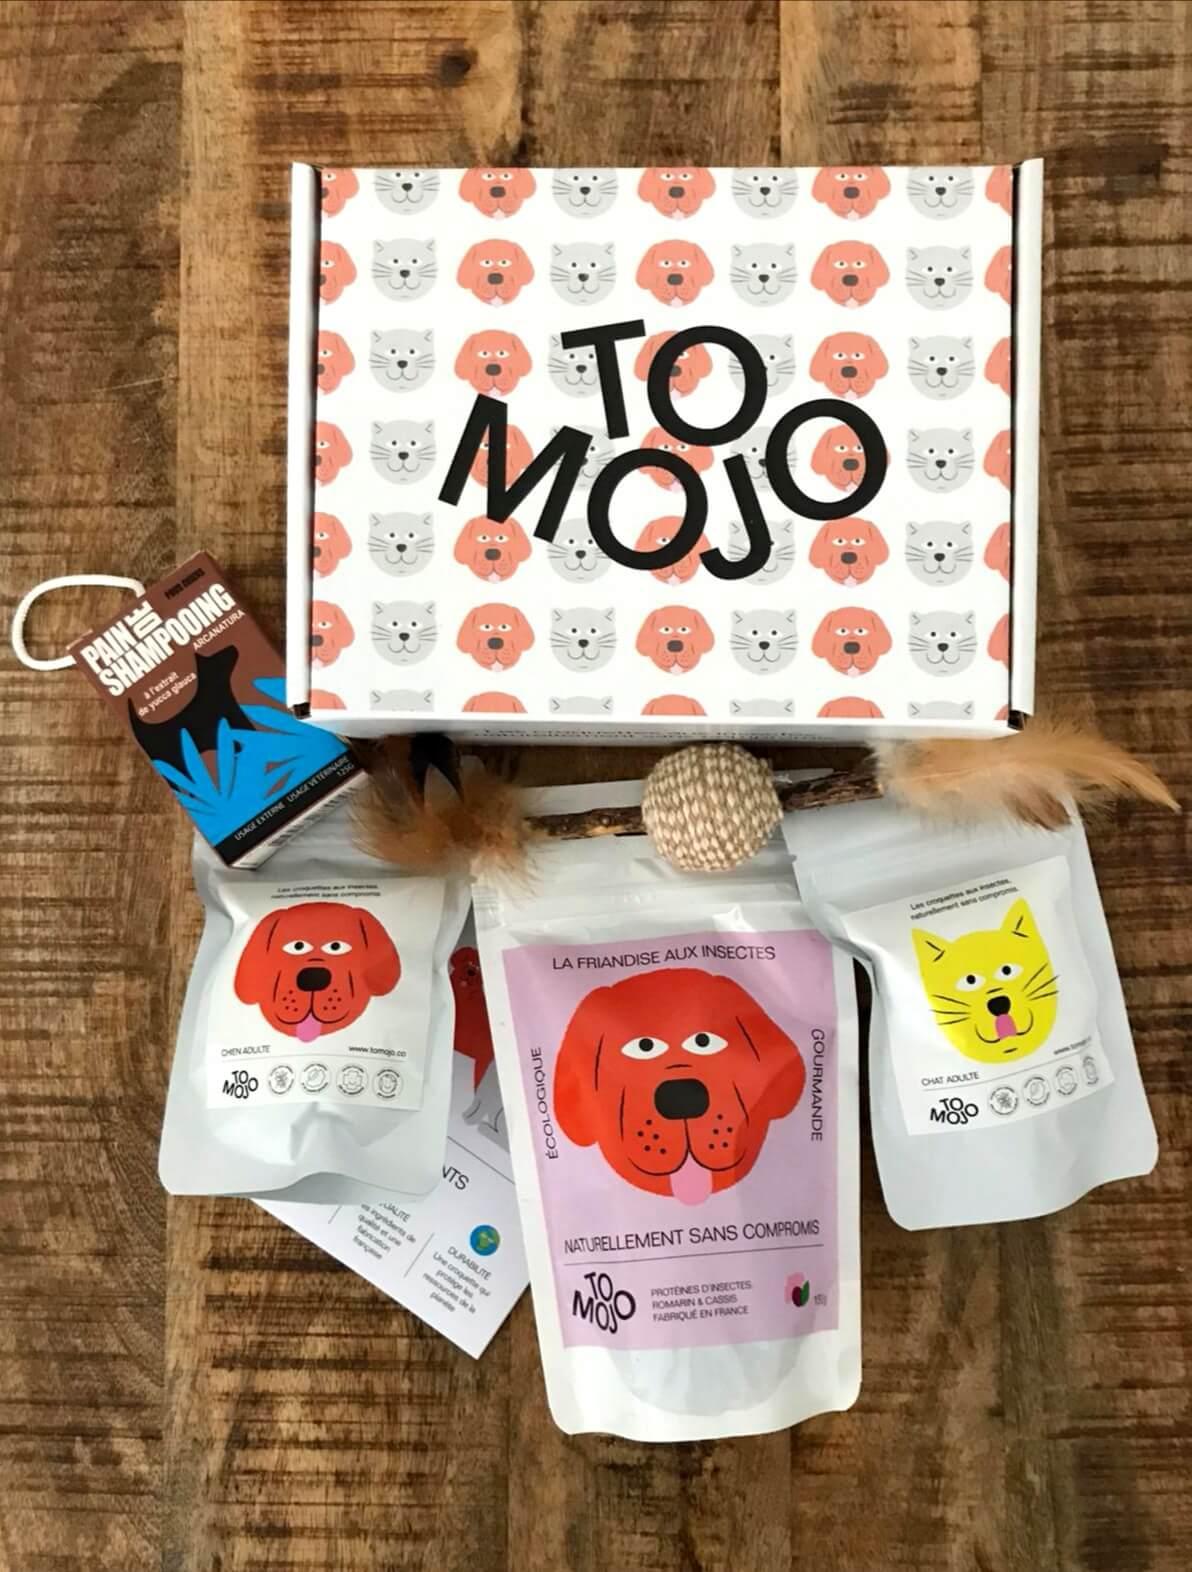 Nourriture pour animaux à base d'insectes et boîte d'expédition en carton